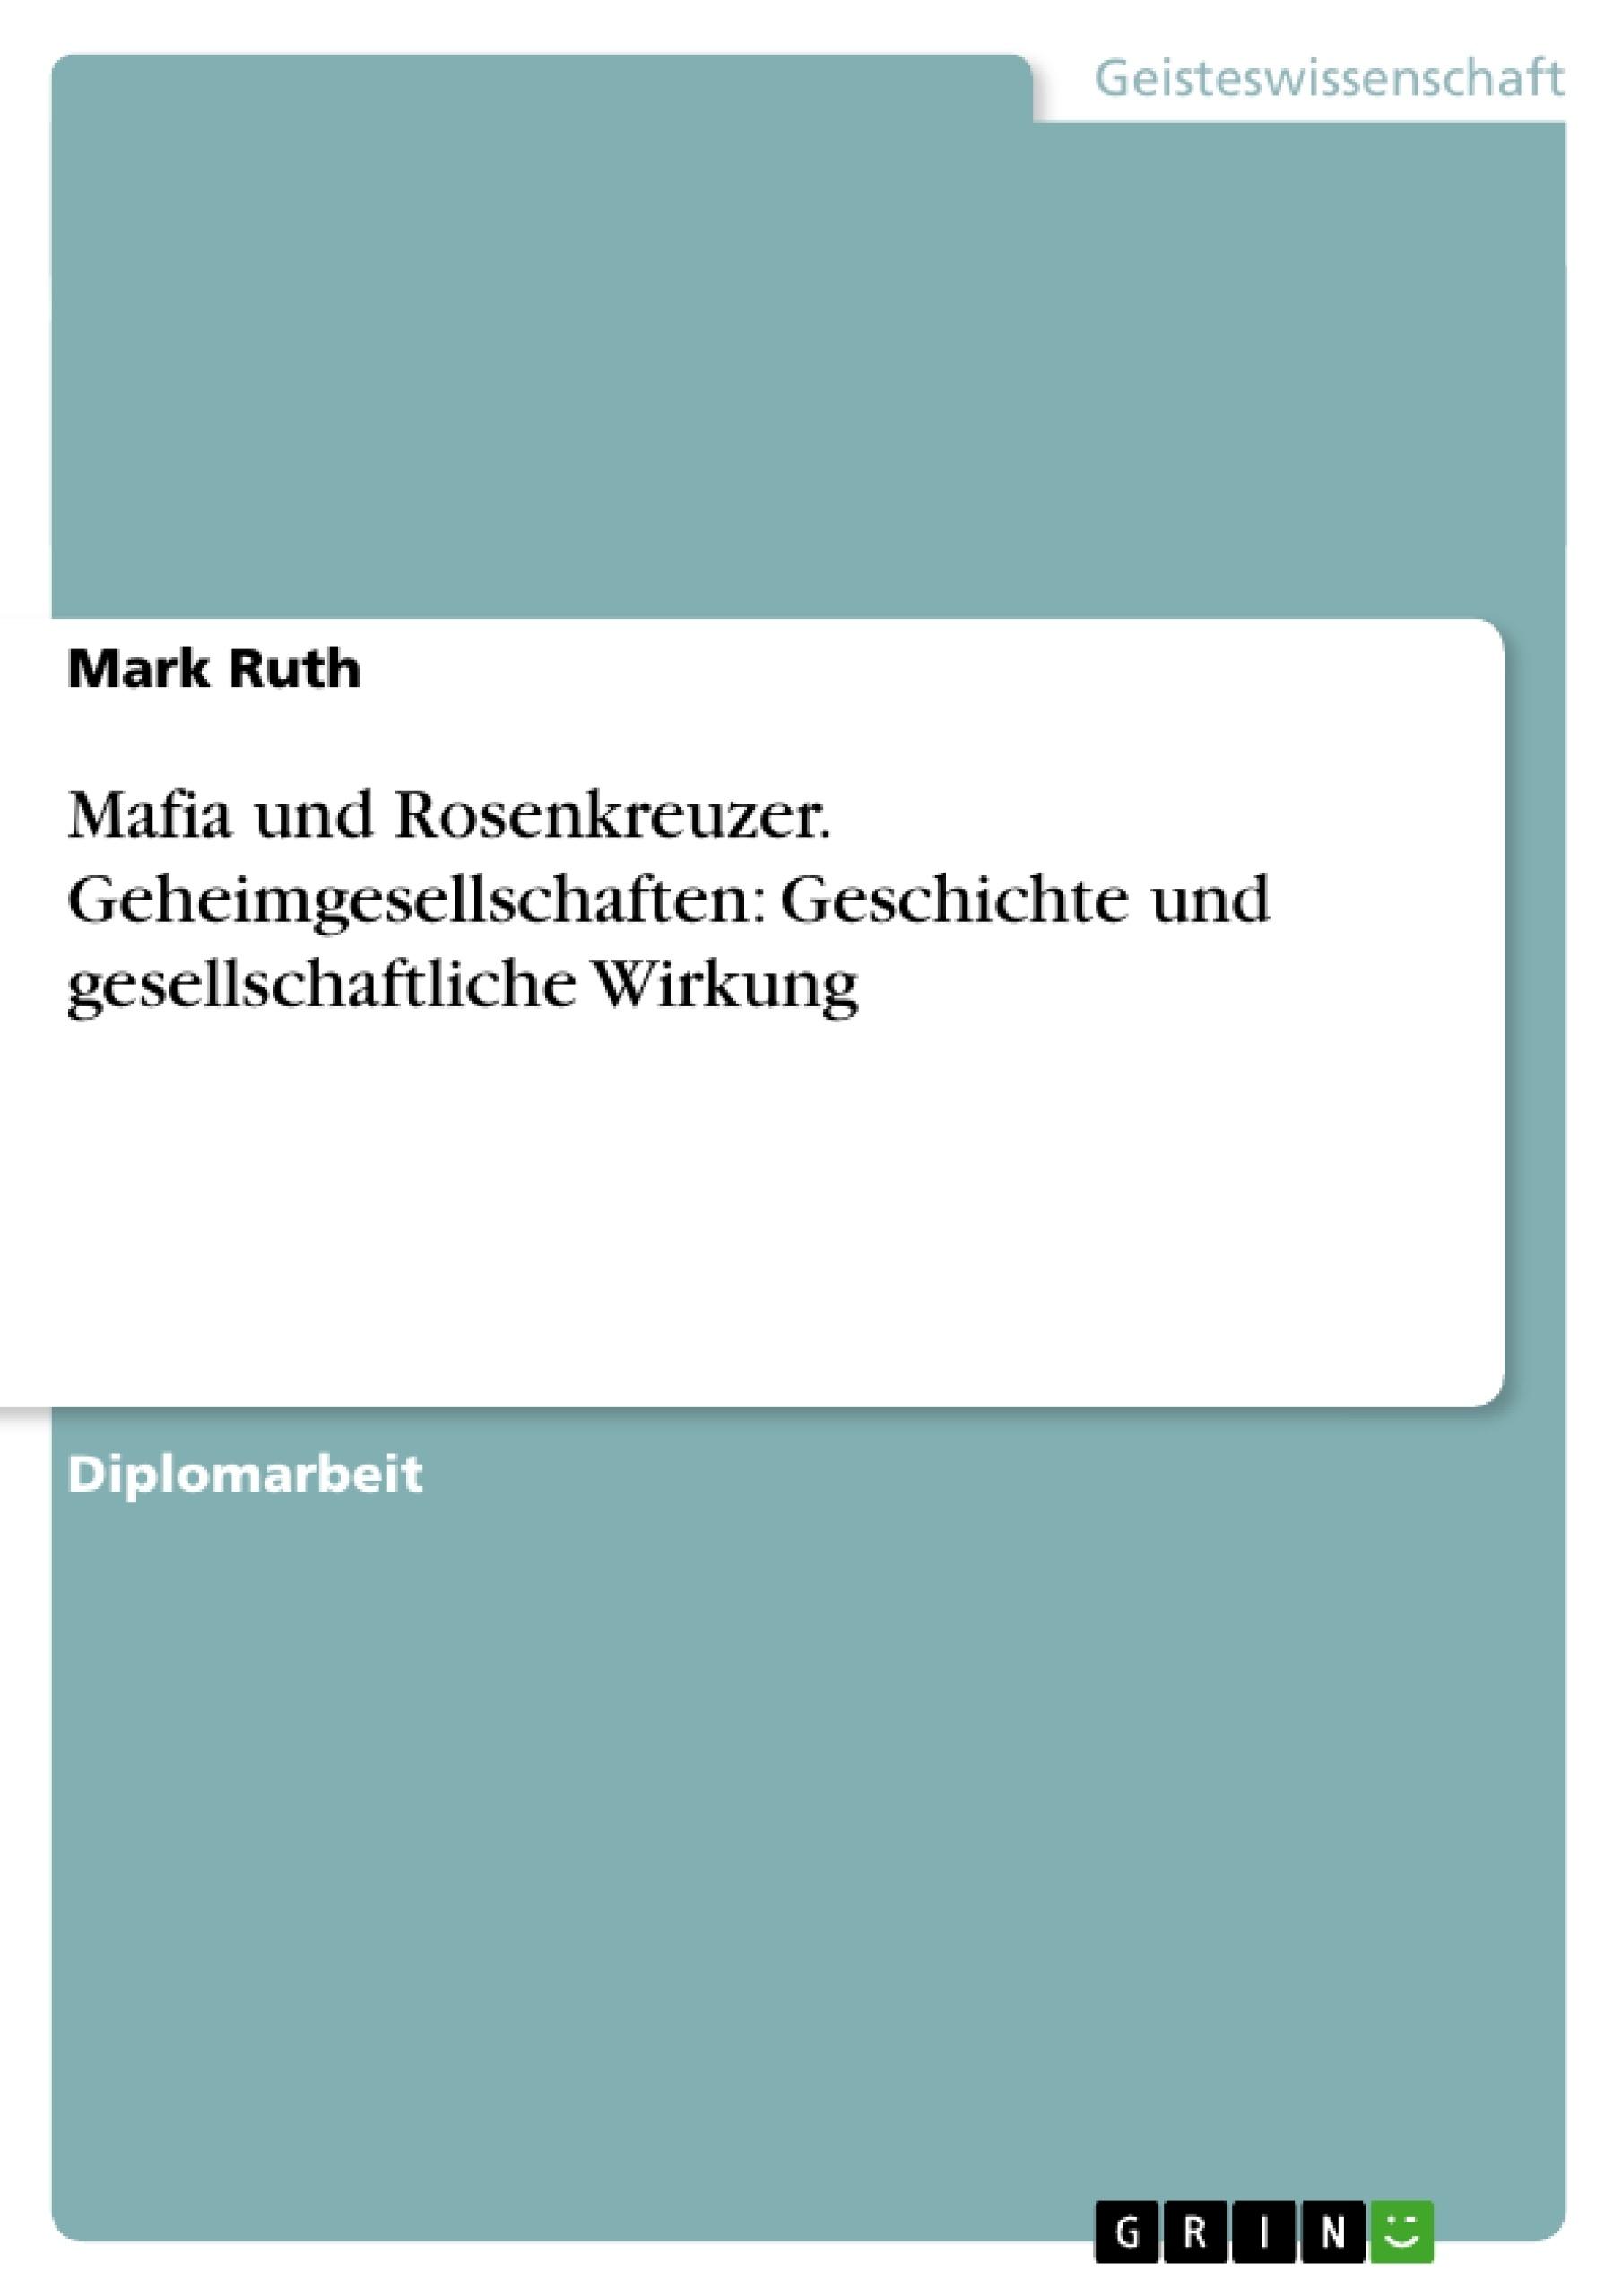 Titel: Mafia und Rosenkreuzer. Geheimgesellschaften: Geschichte und gesellschaftliche Wirkung